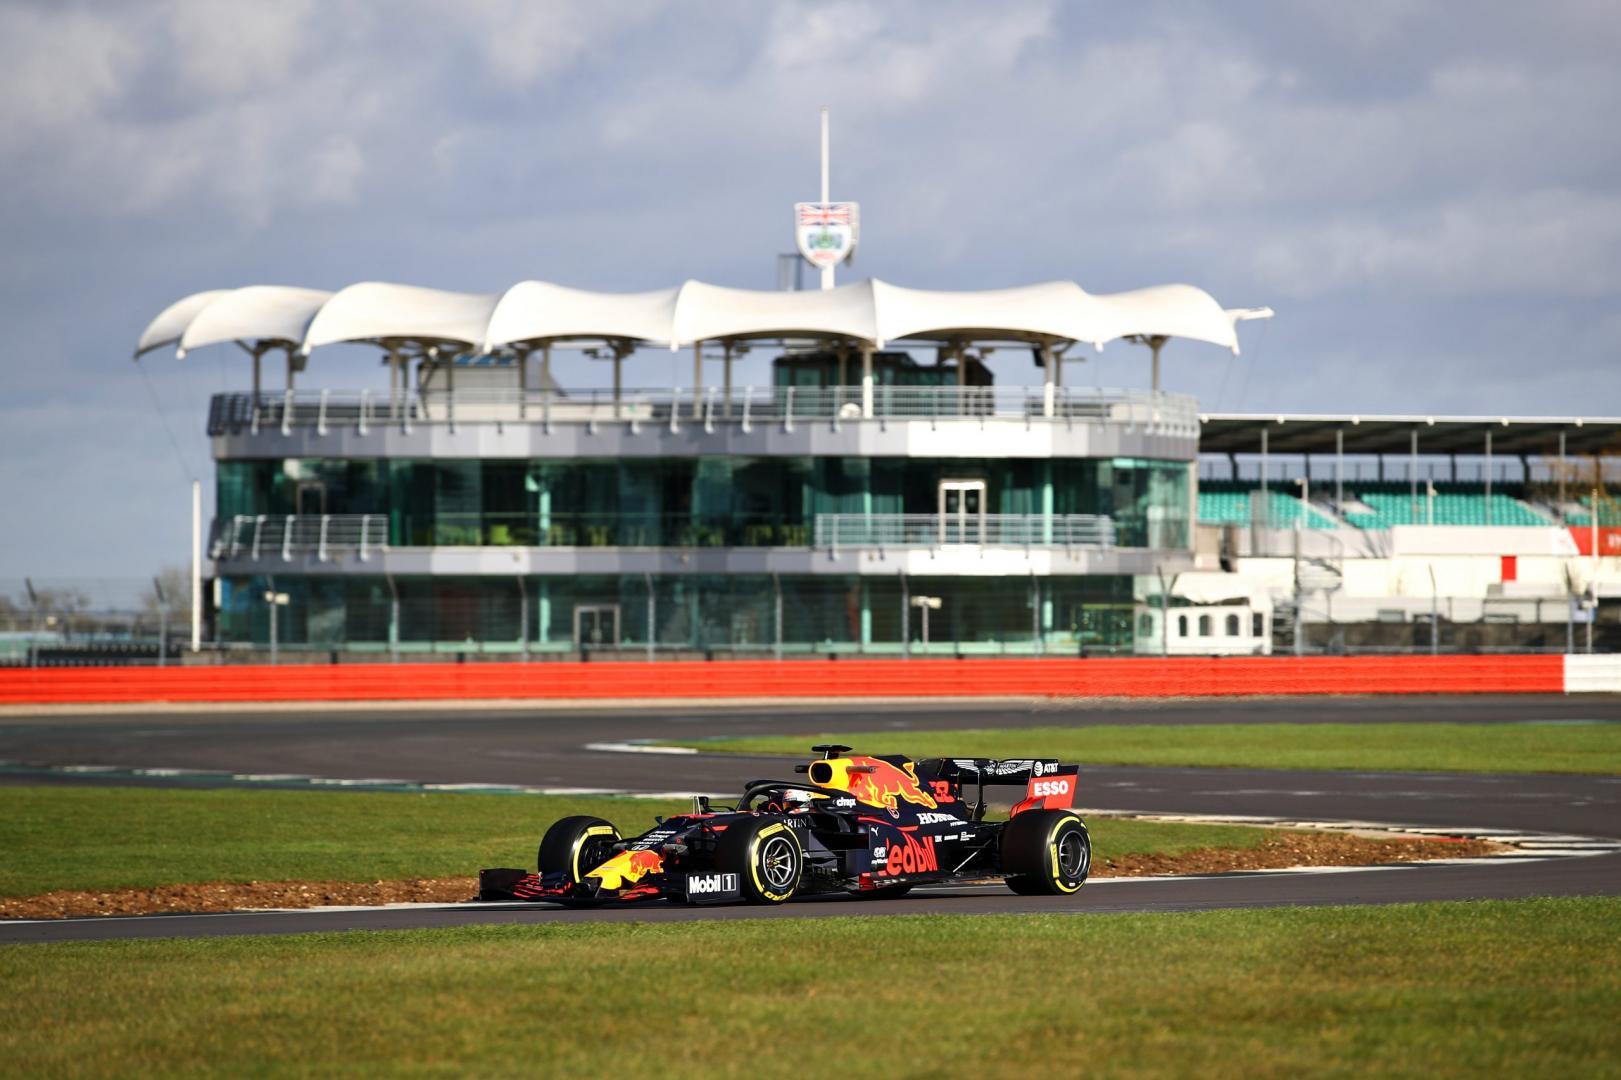 RB16 rijder shake down Silverstone